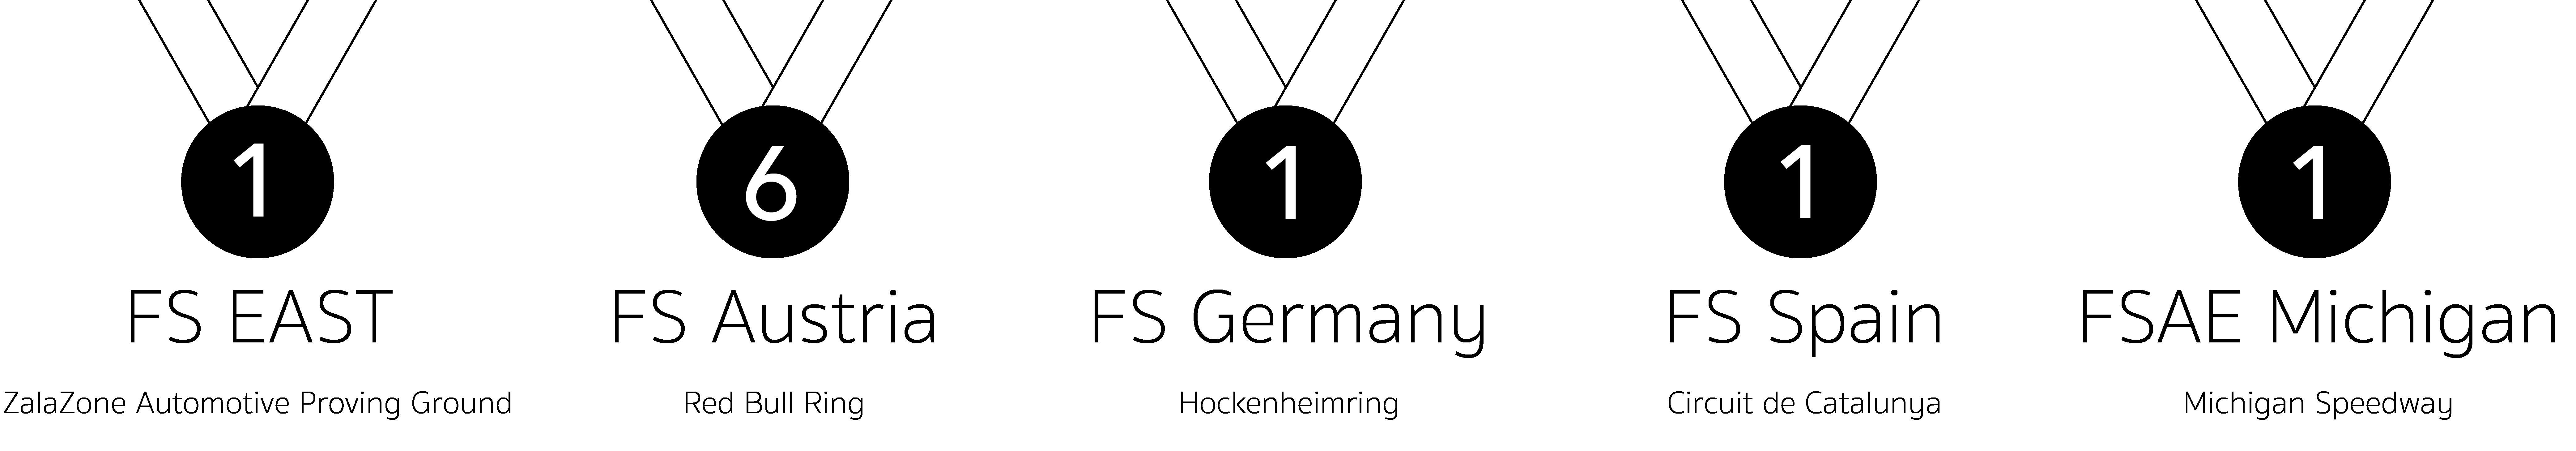 Hintergrund_Erfolge_11-13_Final